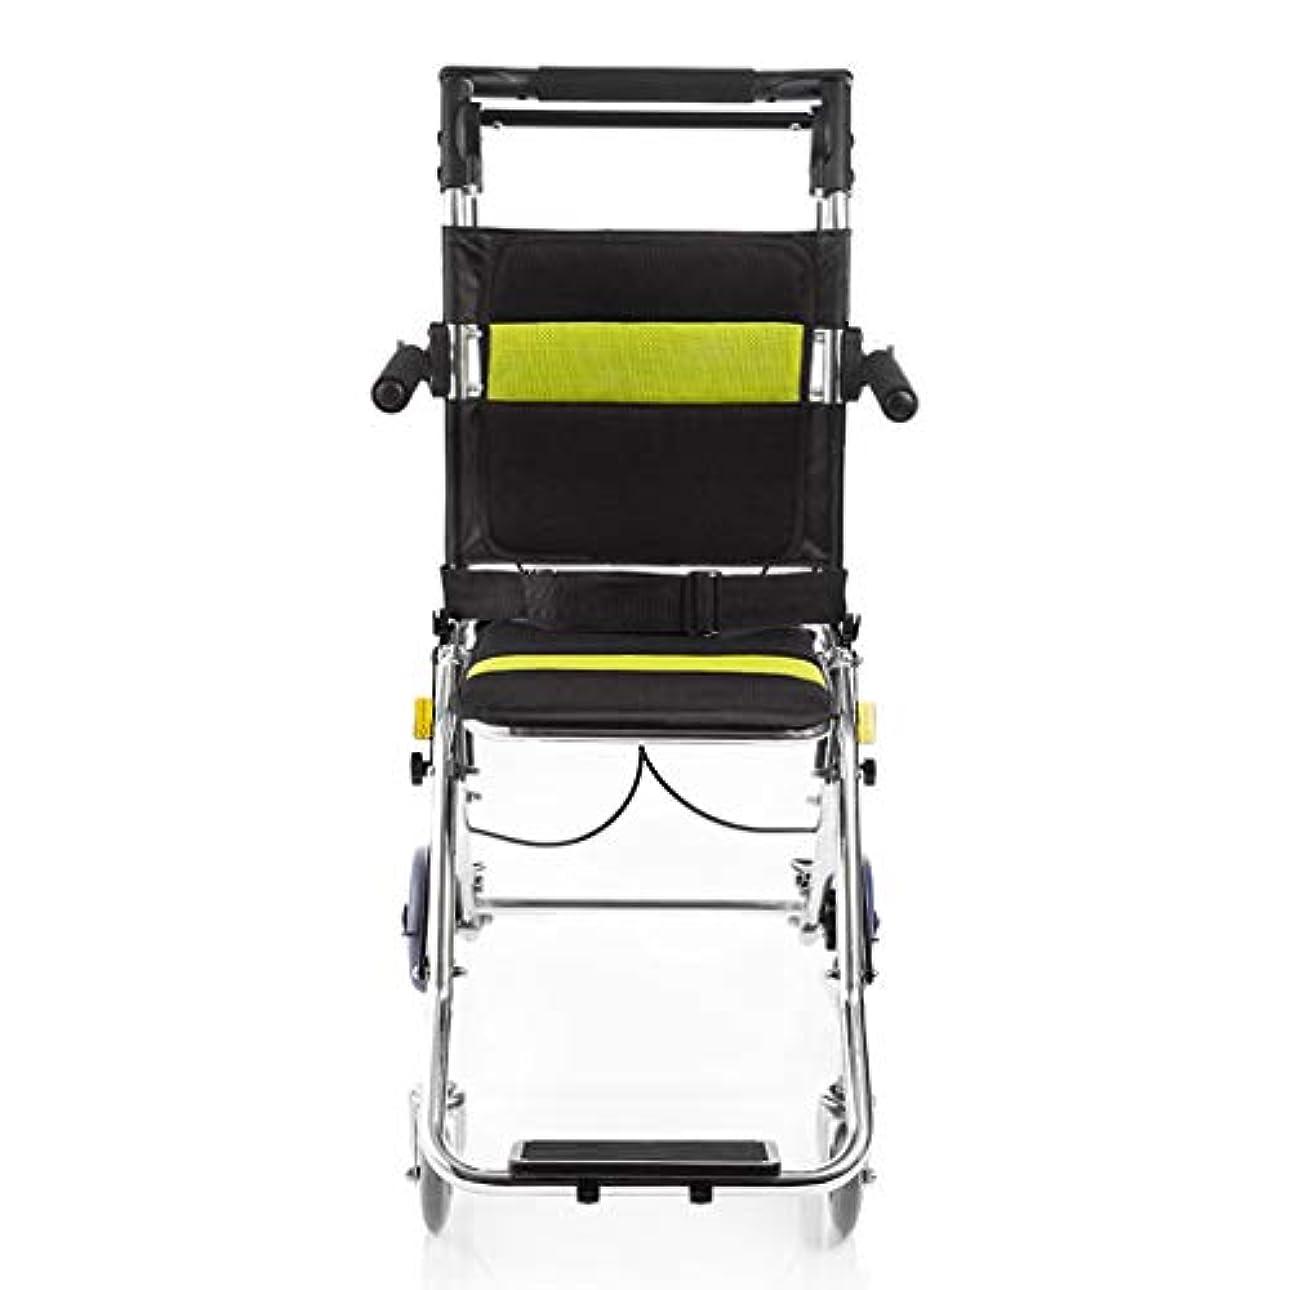 とんでもない無限治す折りたたみ車椅子、75 Kgの高齢者用屋外車椅子ベビーカーを運ぶことができます